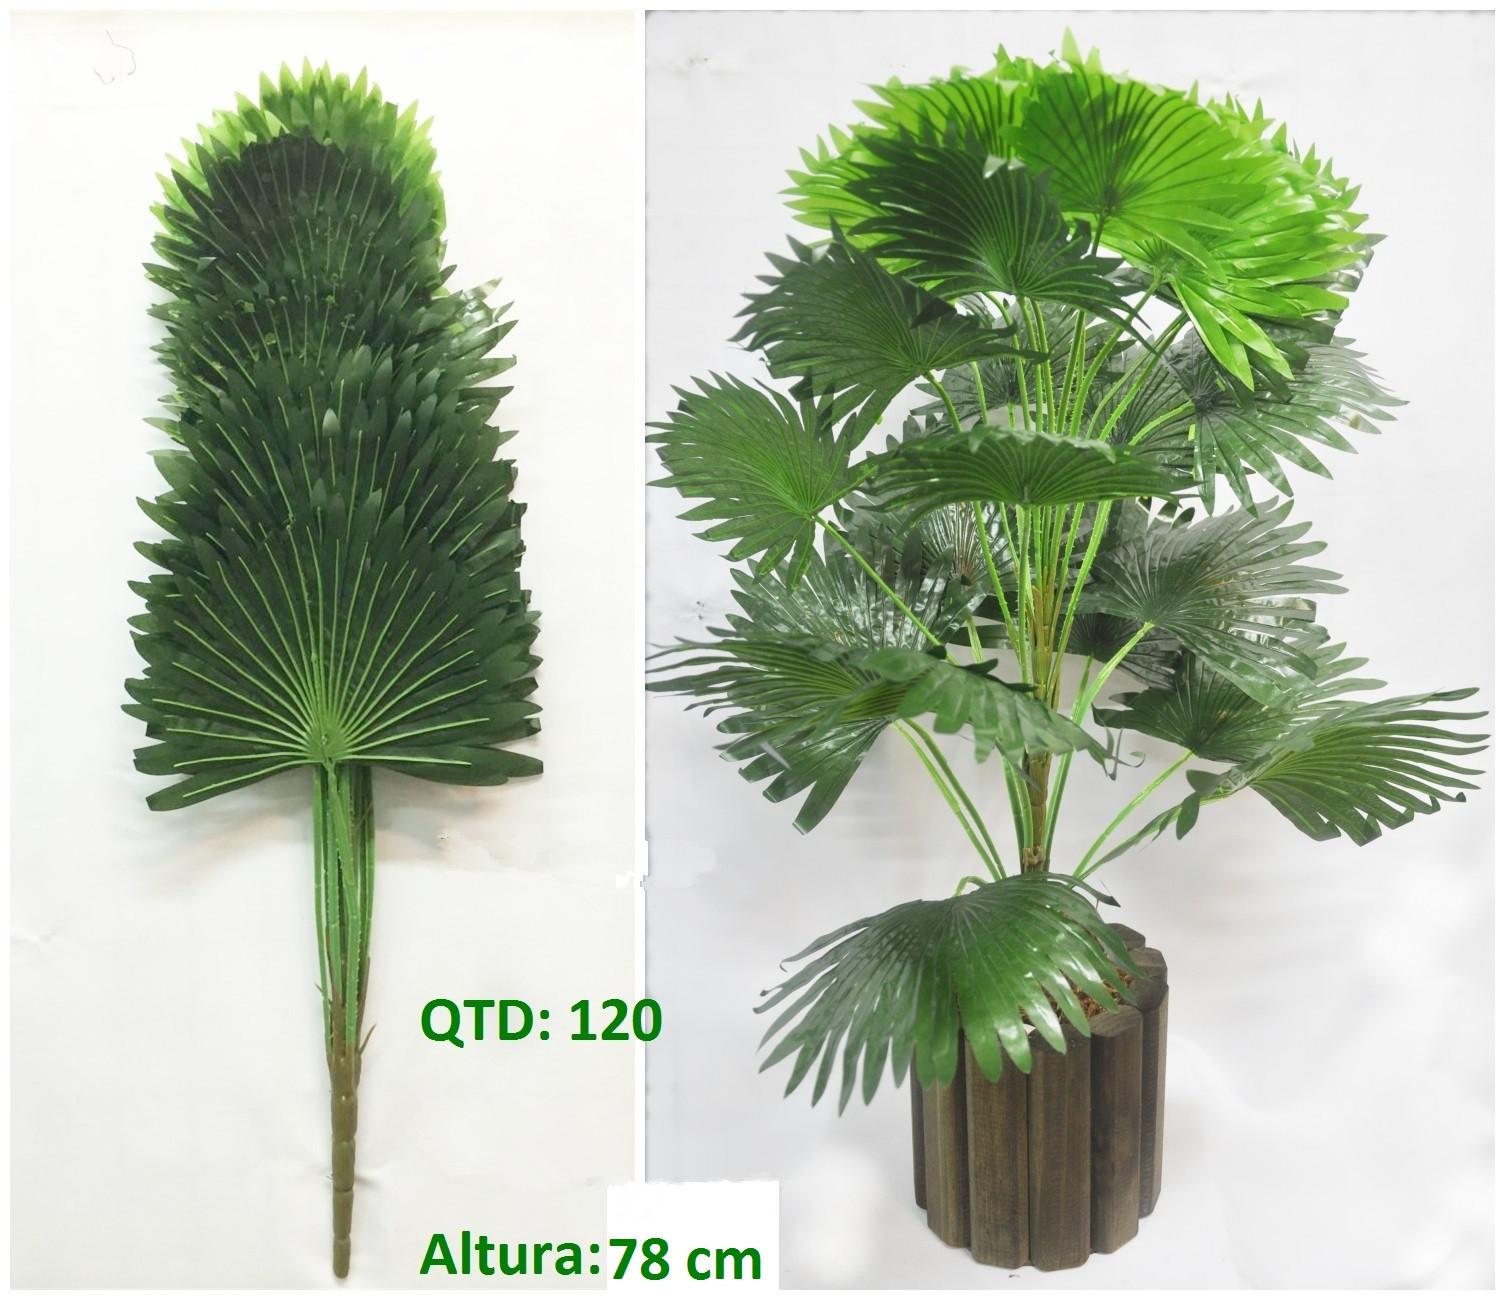 Plantas de exterior resistentes al frio y calor great plantas de exterior resistentes todo o - Plantas de exterior resistentes al frio y al calor fotos ...